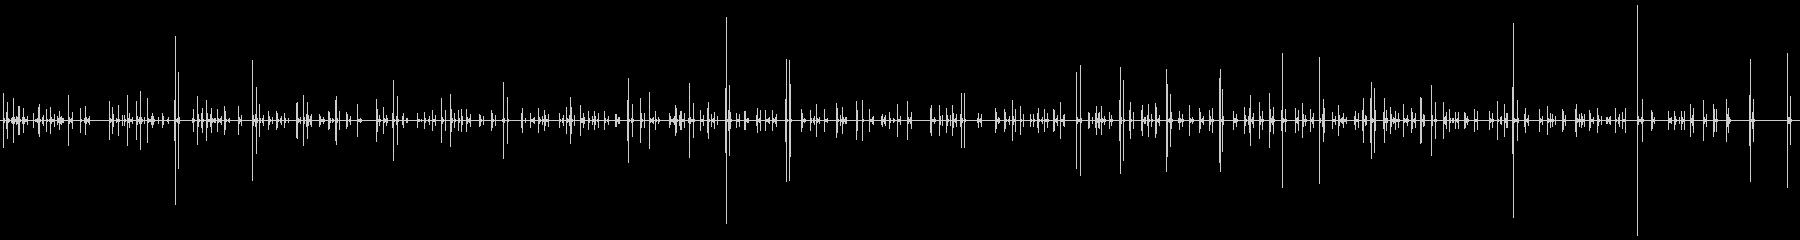 ラップトップコンピューター:キーボ...の未再生の波形